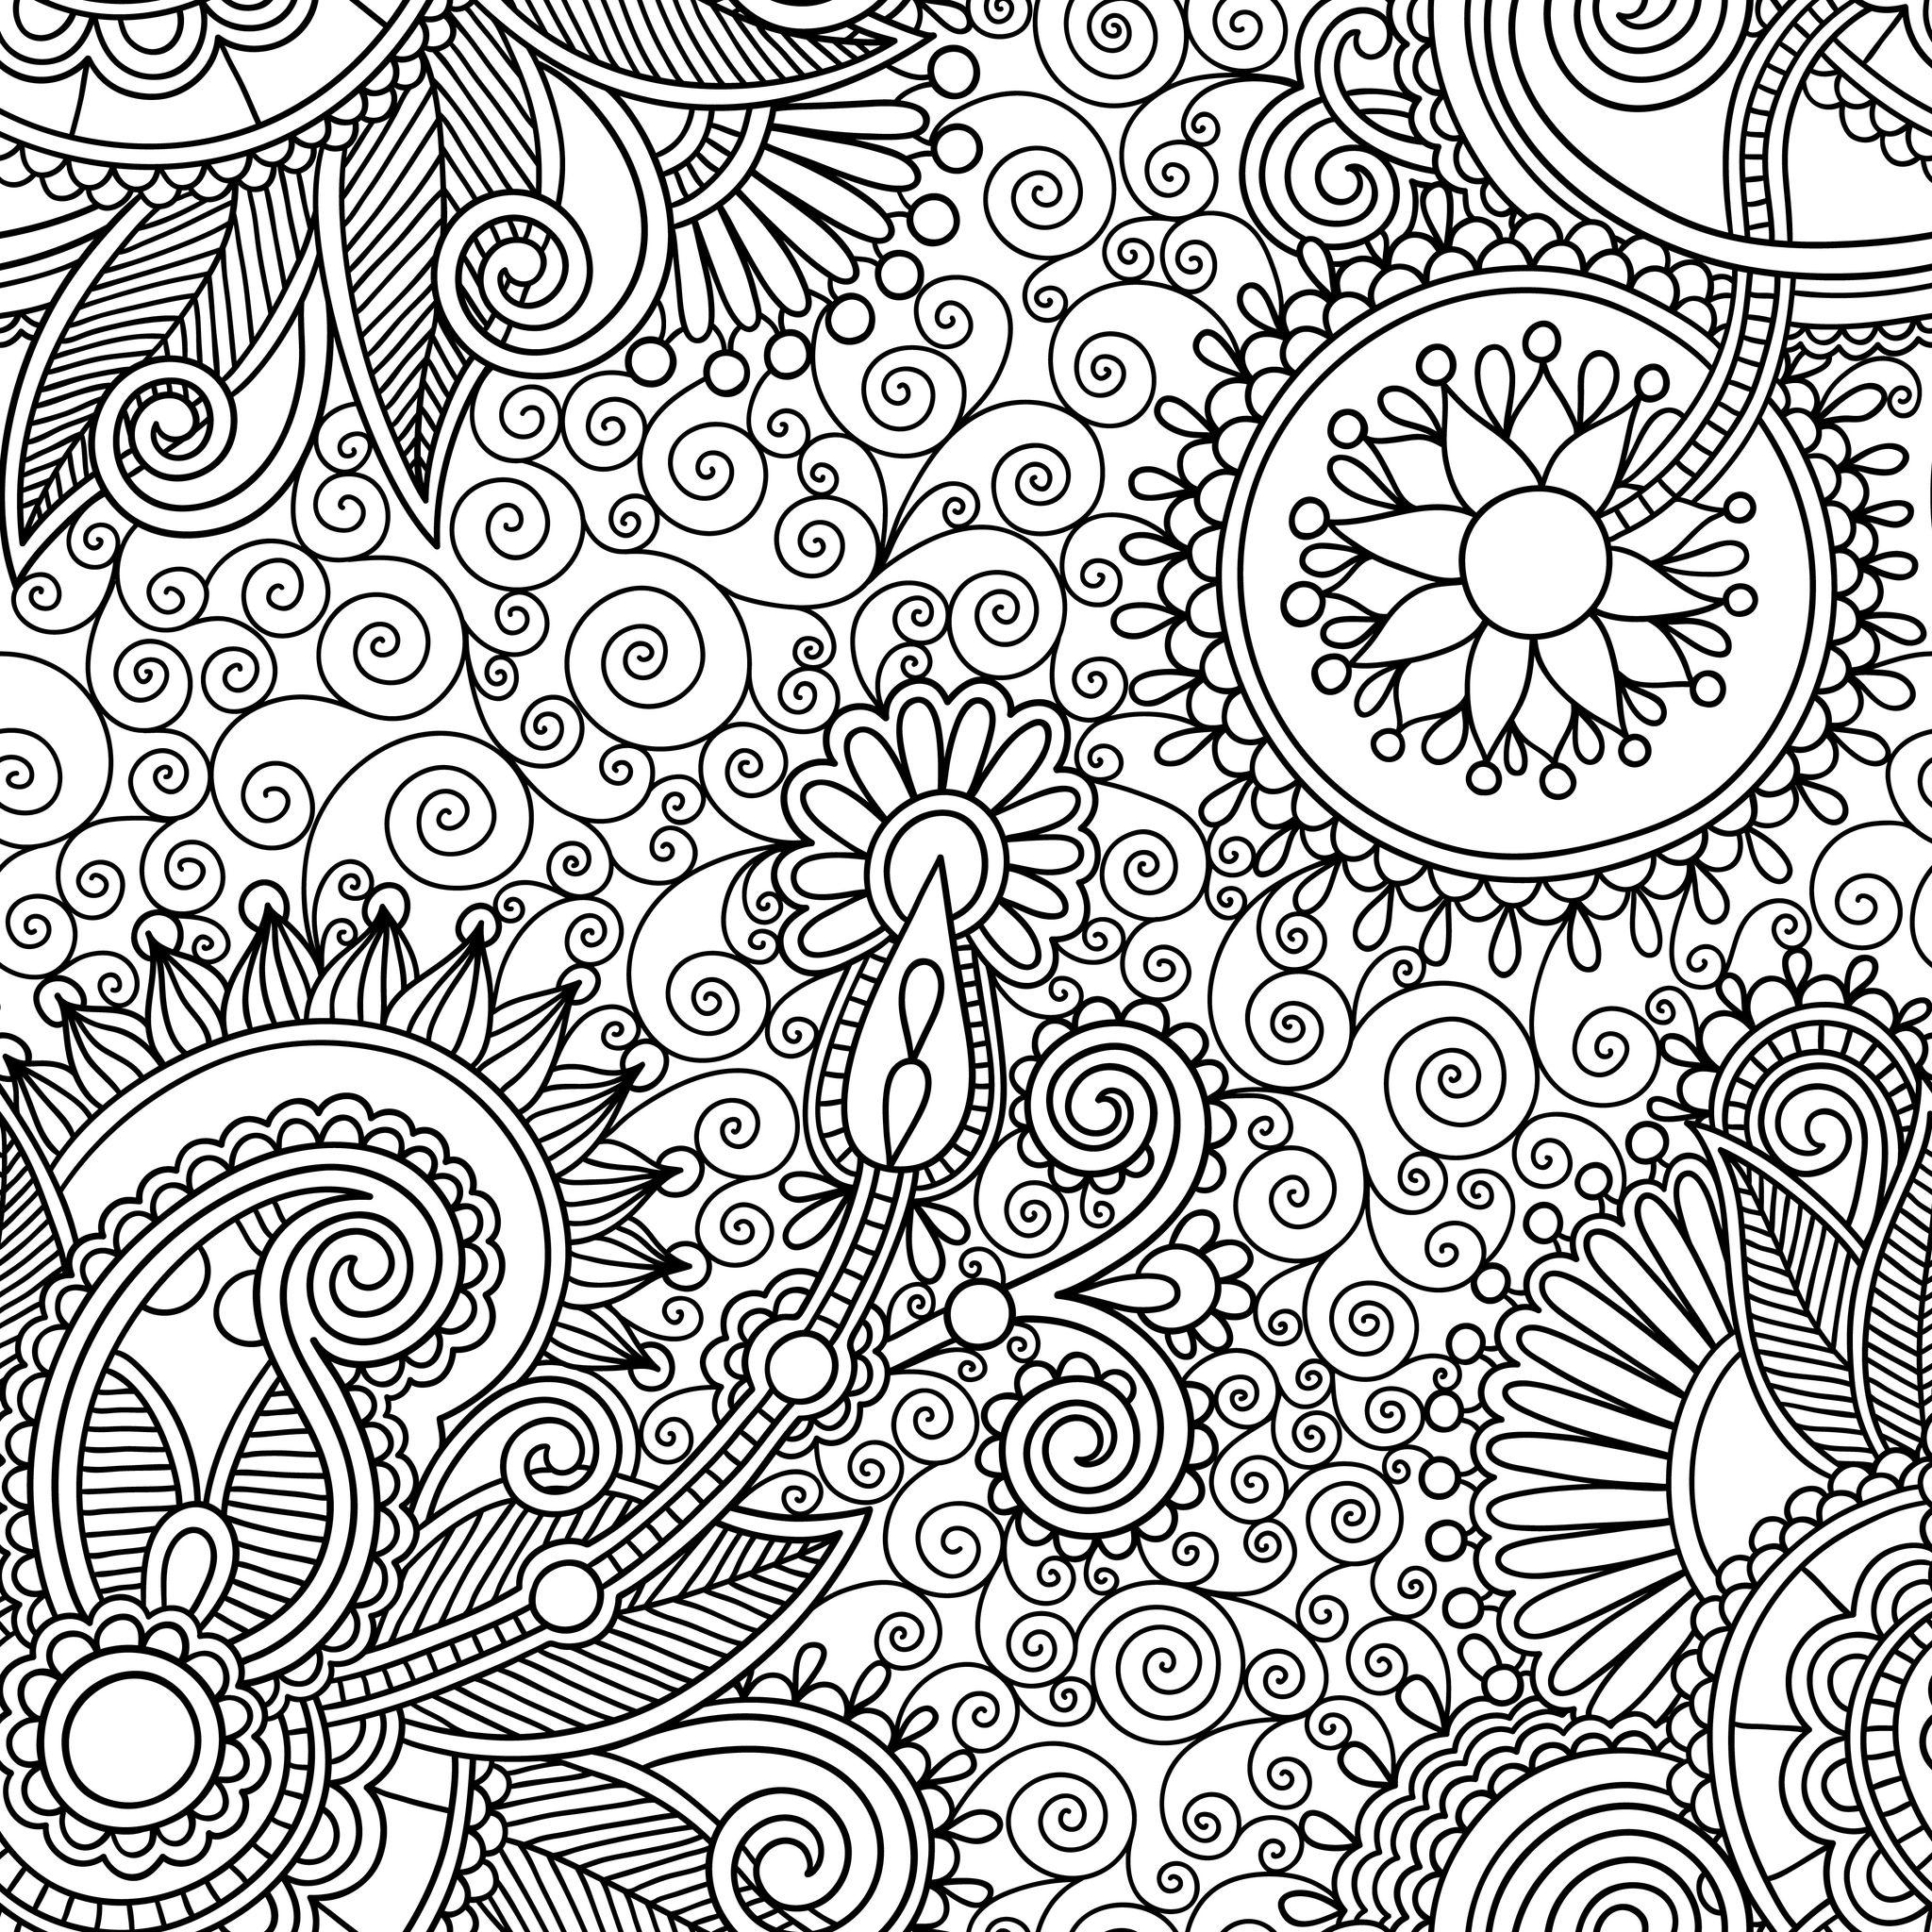 Coloriages Relaxation - Album de coloriages